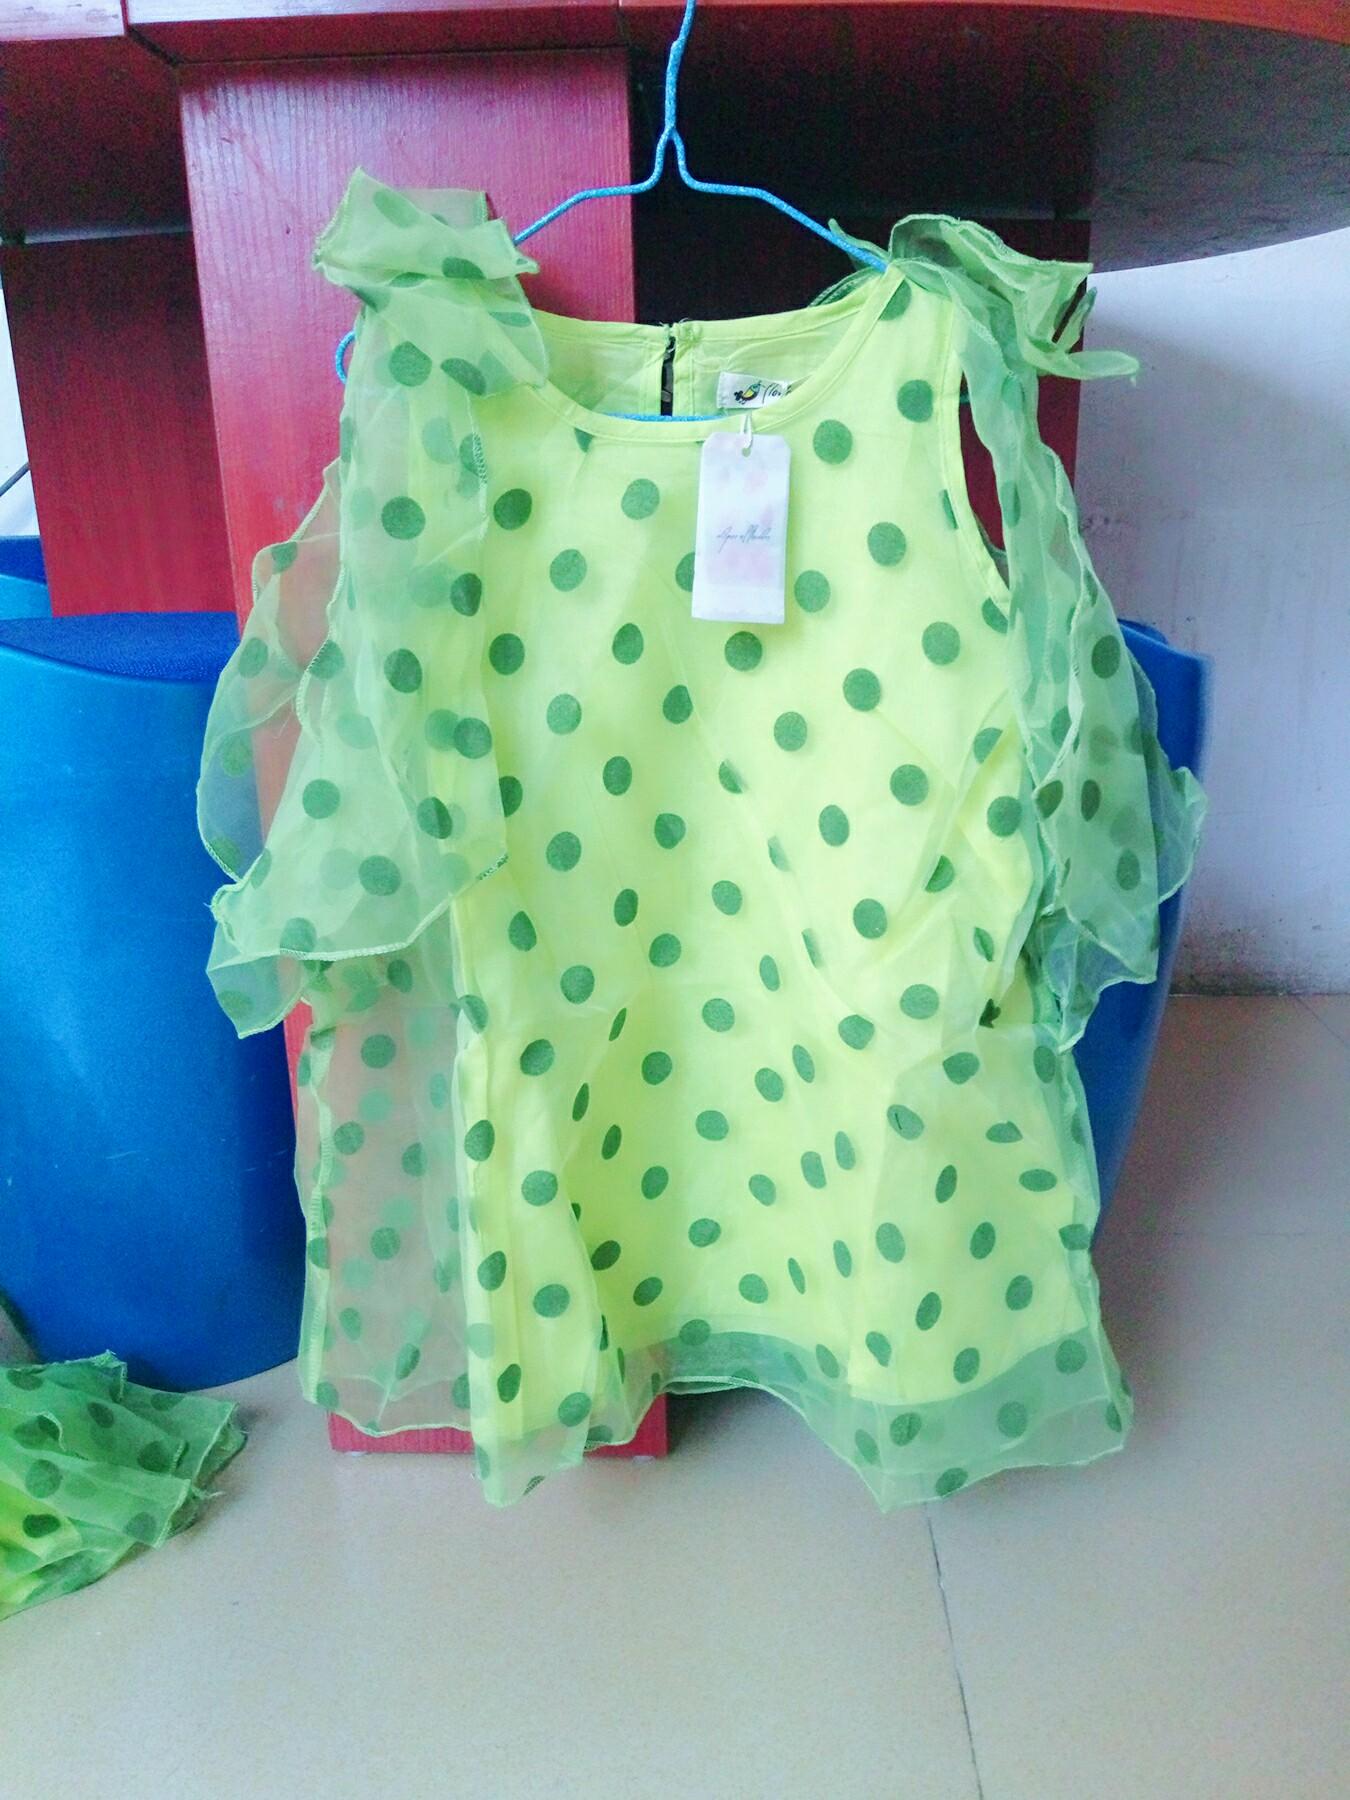 一批幼儿园舞蹈裙子 舞蹈服装衣服全新未穿过 两个颜色有5个码